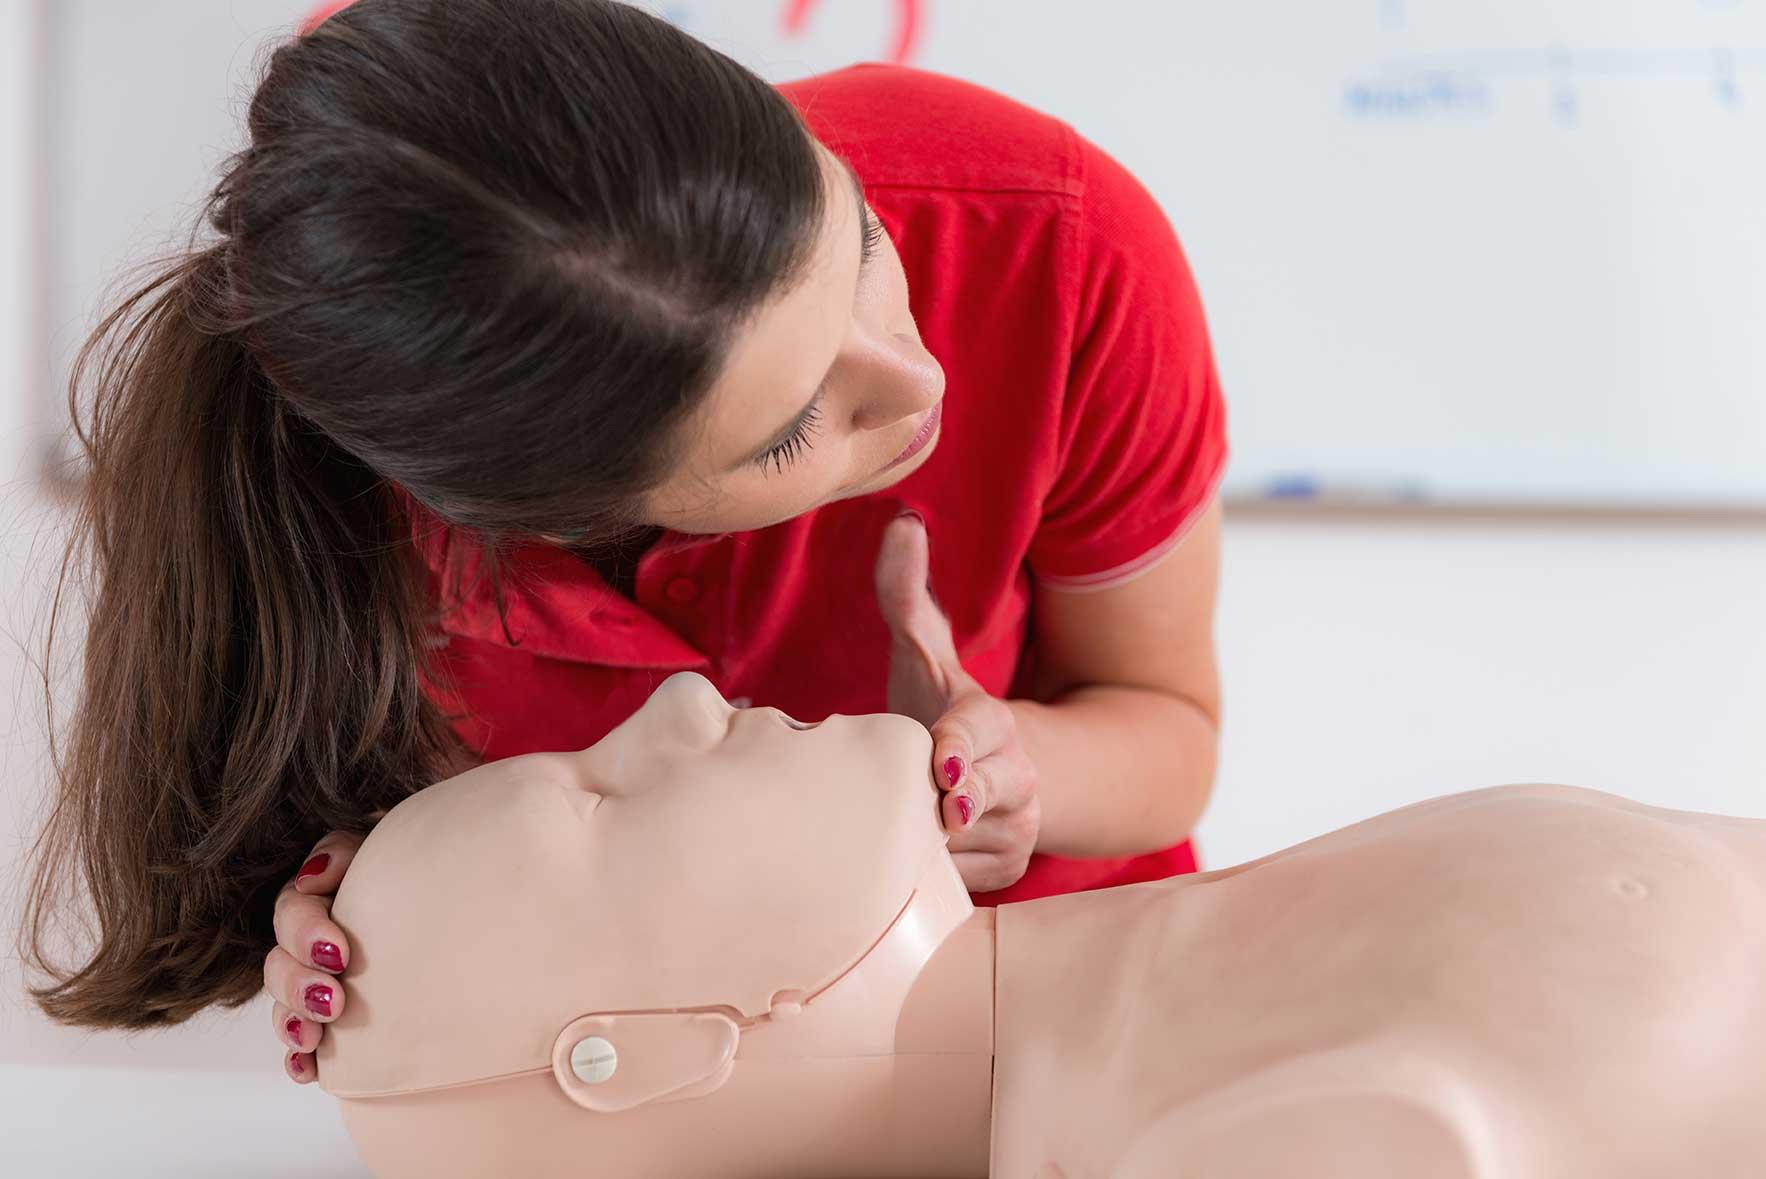 Kvinna som utbildar i HLR på en docka, hjärt-lungräddning, första hjälpen